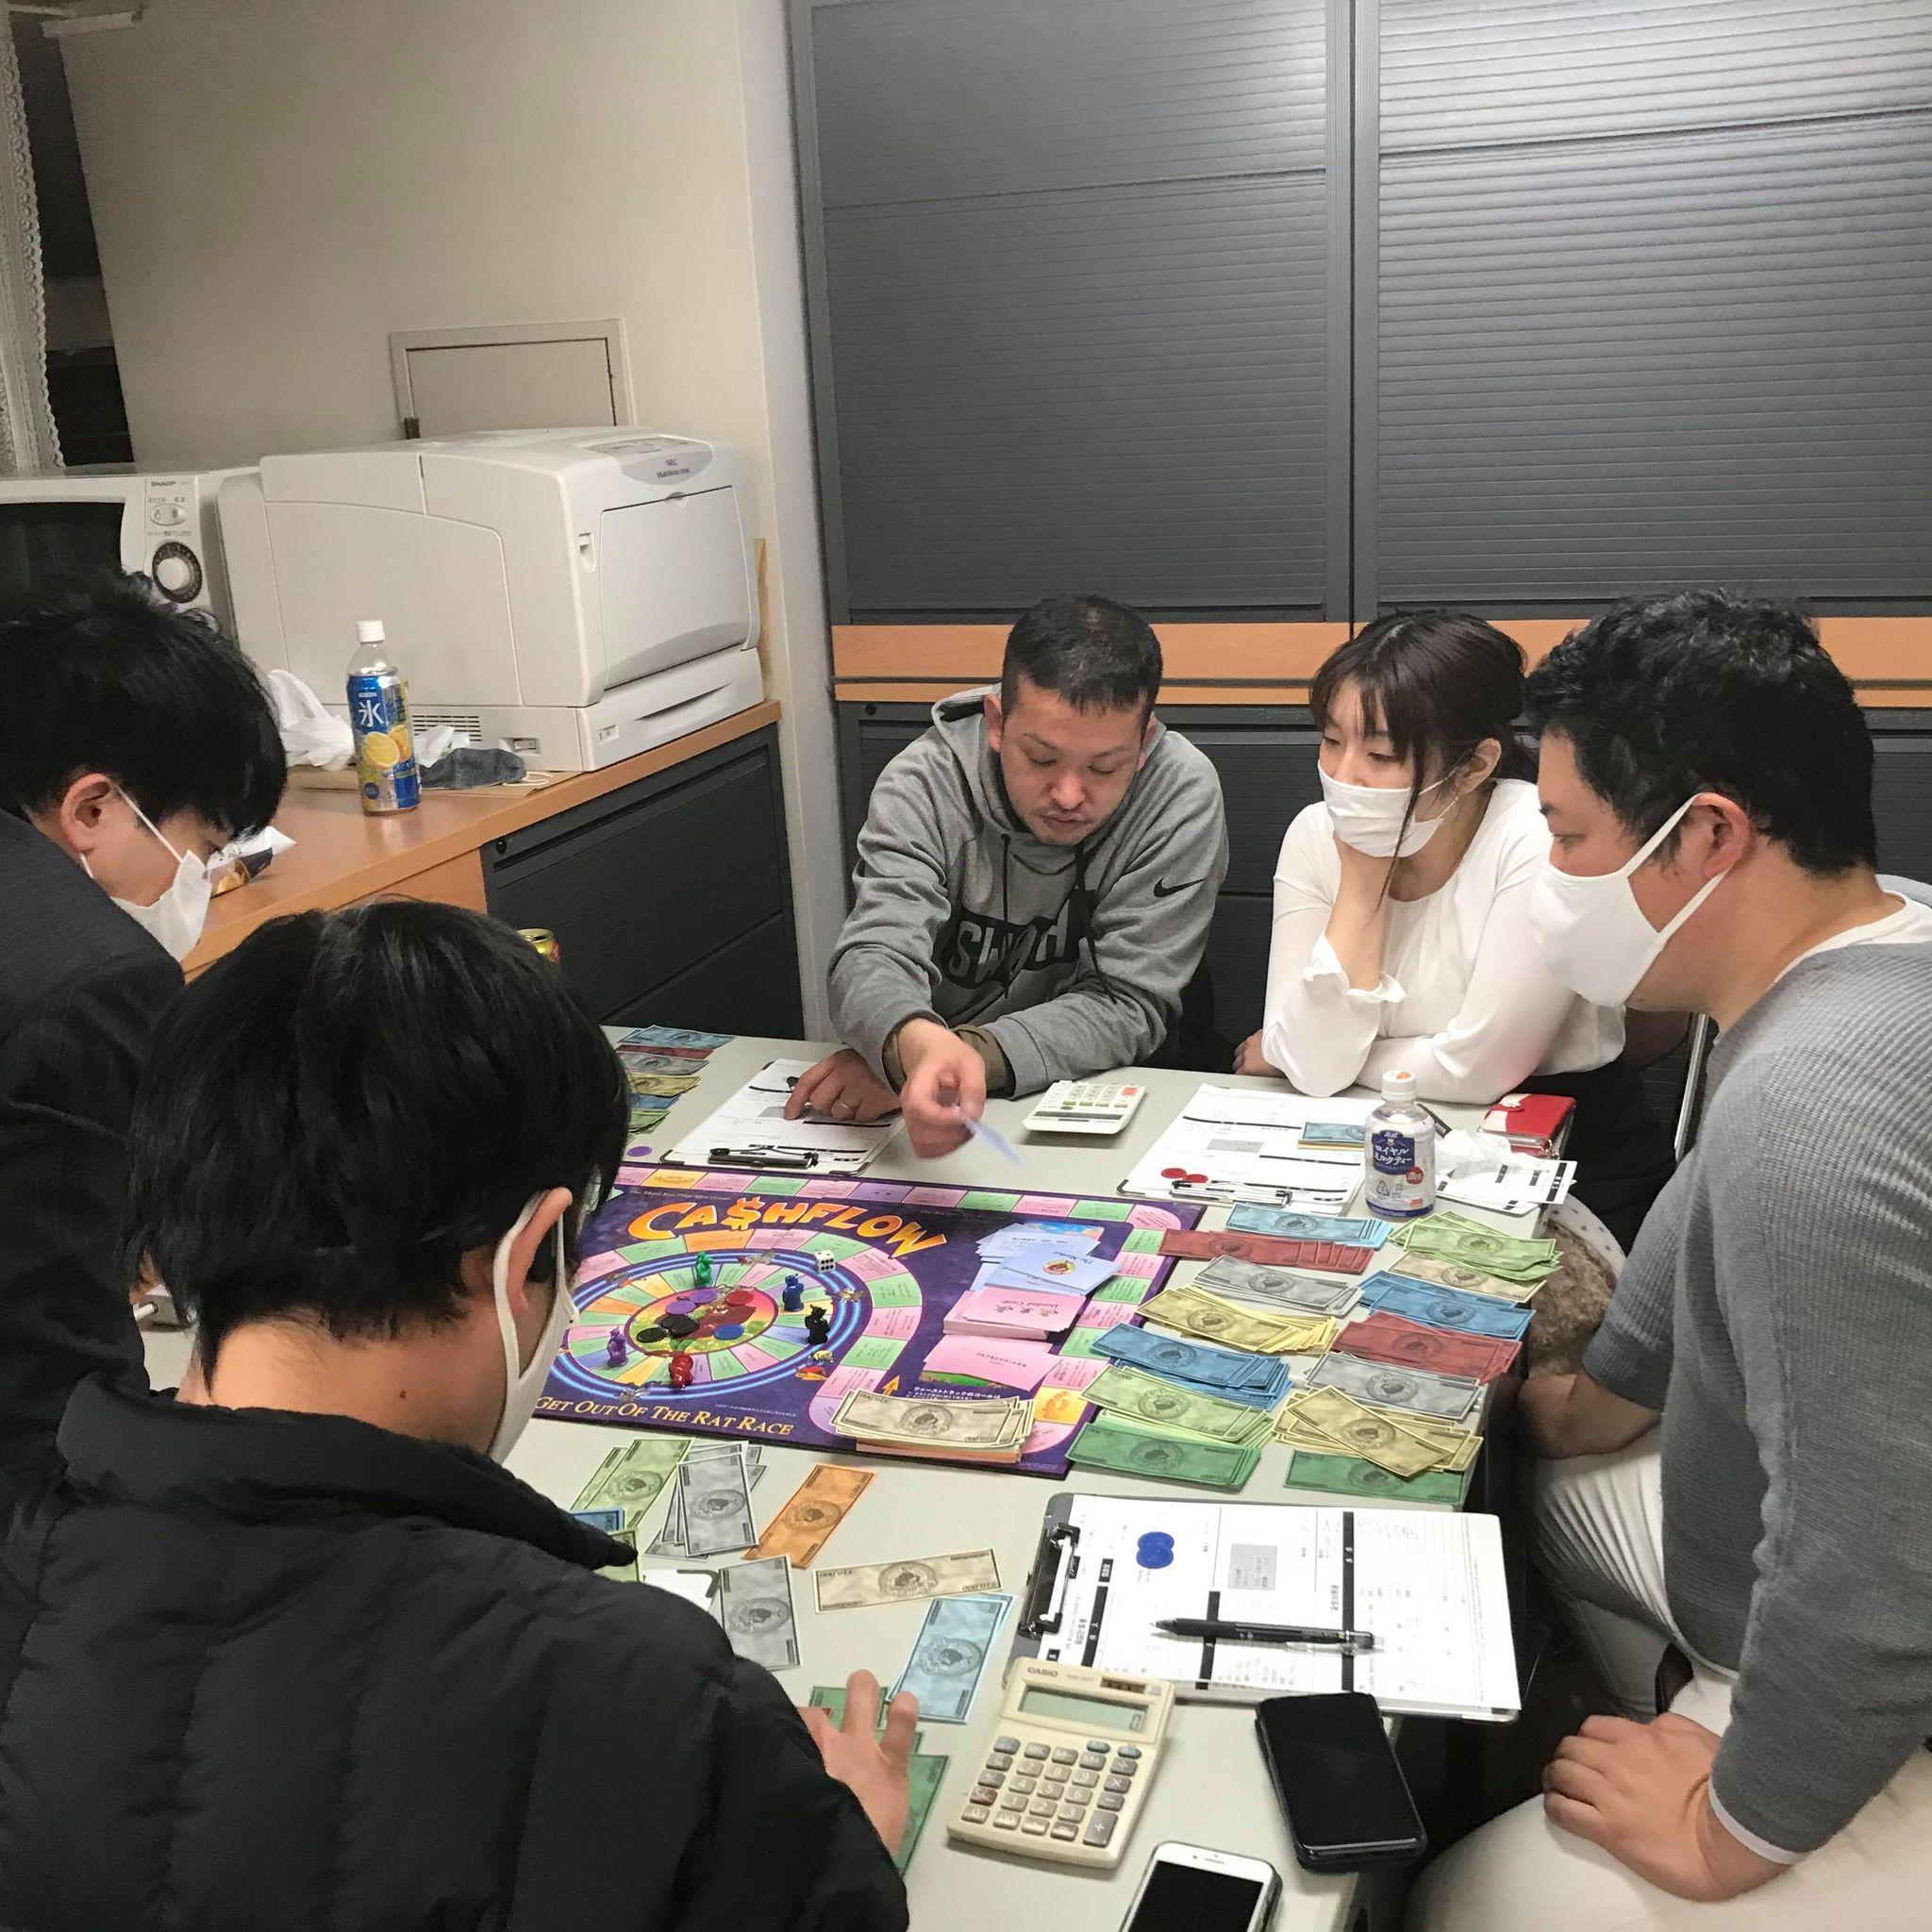 2月24日(水)19:00~ NKCS士業会限定開催!現役投資家・FPが主催の金融リテラシーを身に着けるキャッシュフローゲーム会 101(初級編)を開催しました